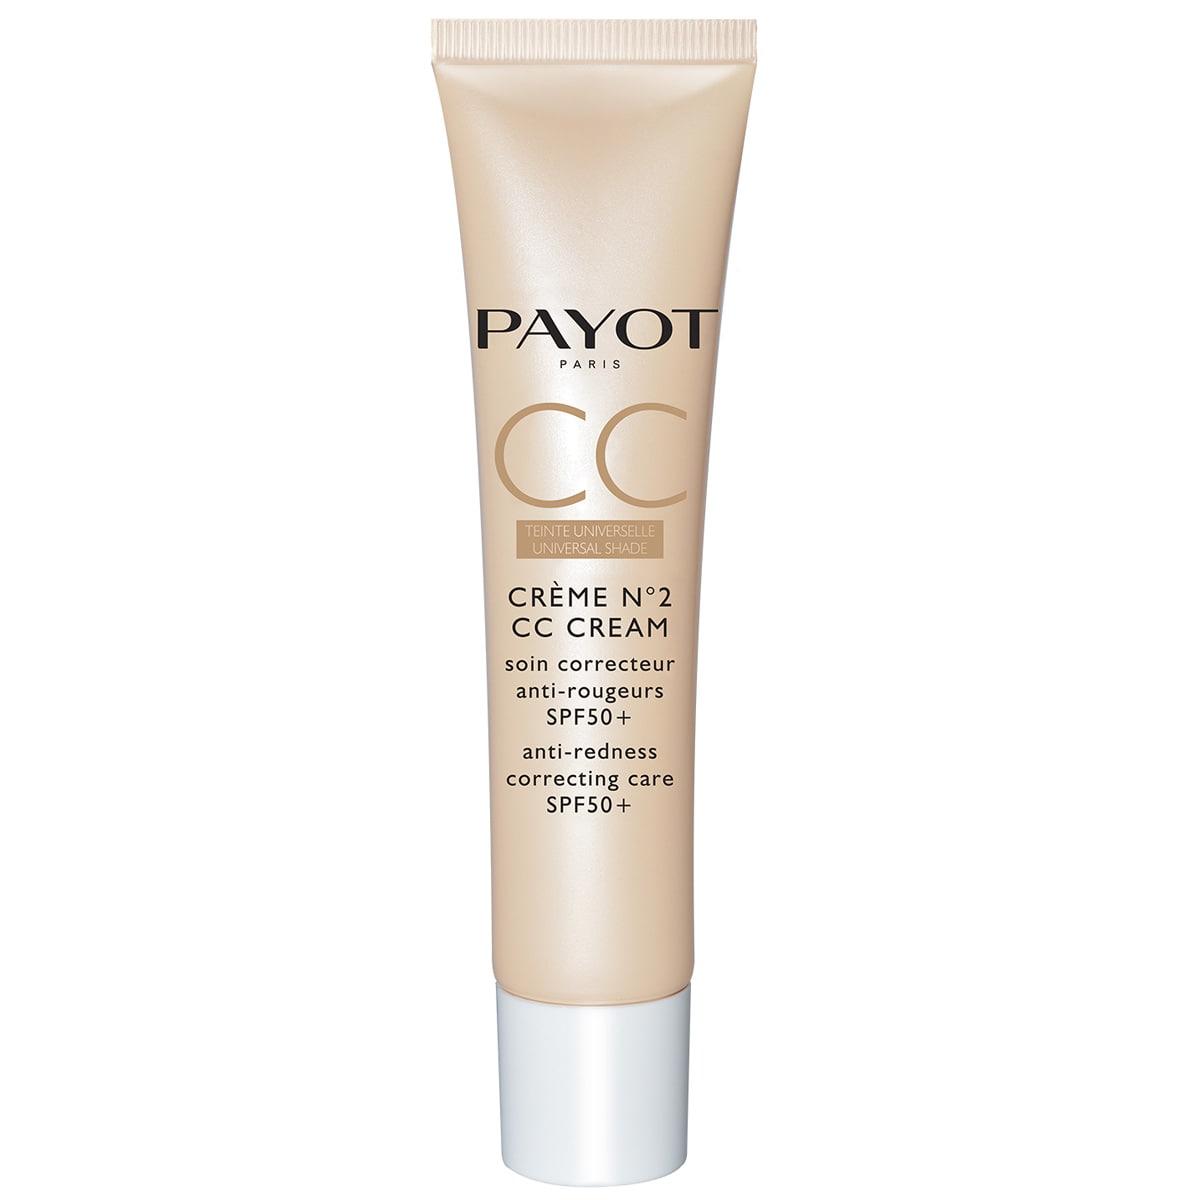 Payot - Crème N°2 CC Cream - Soin correcteur anti-rougeurs SPF 50+